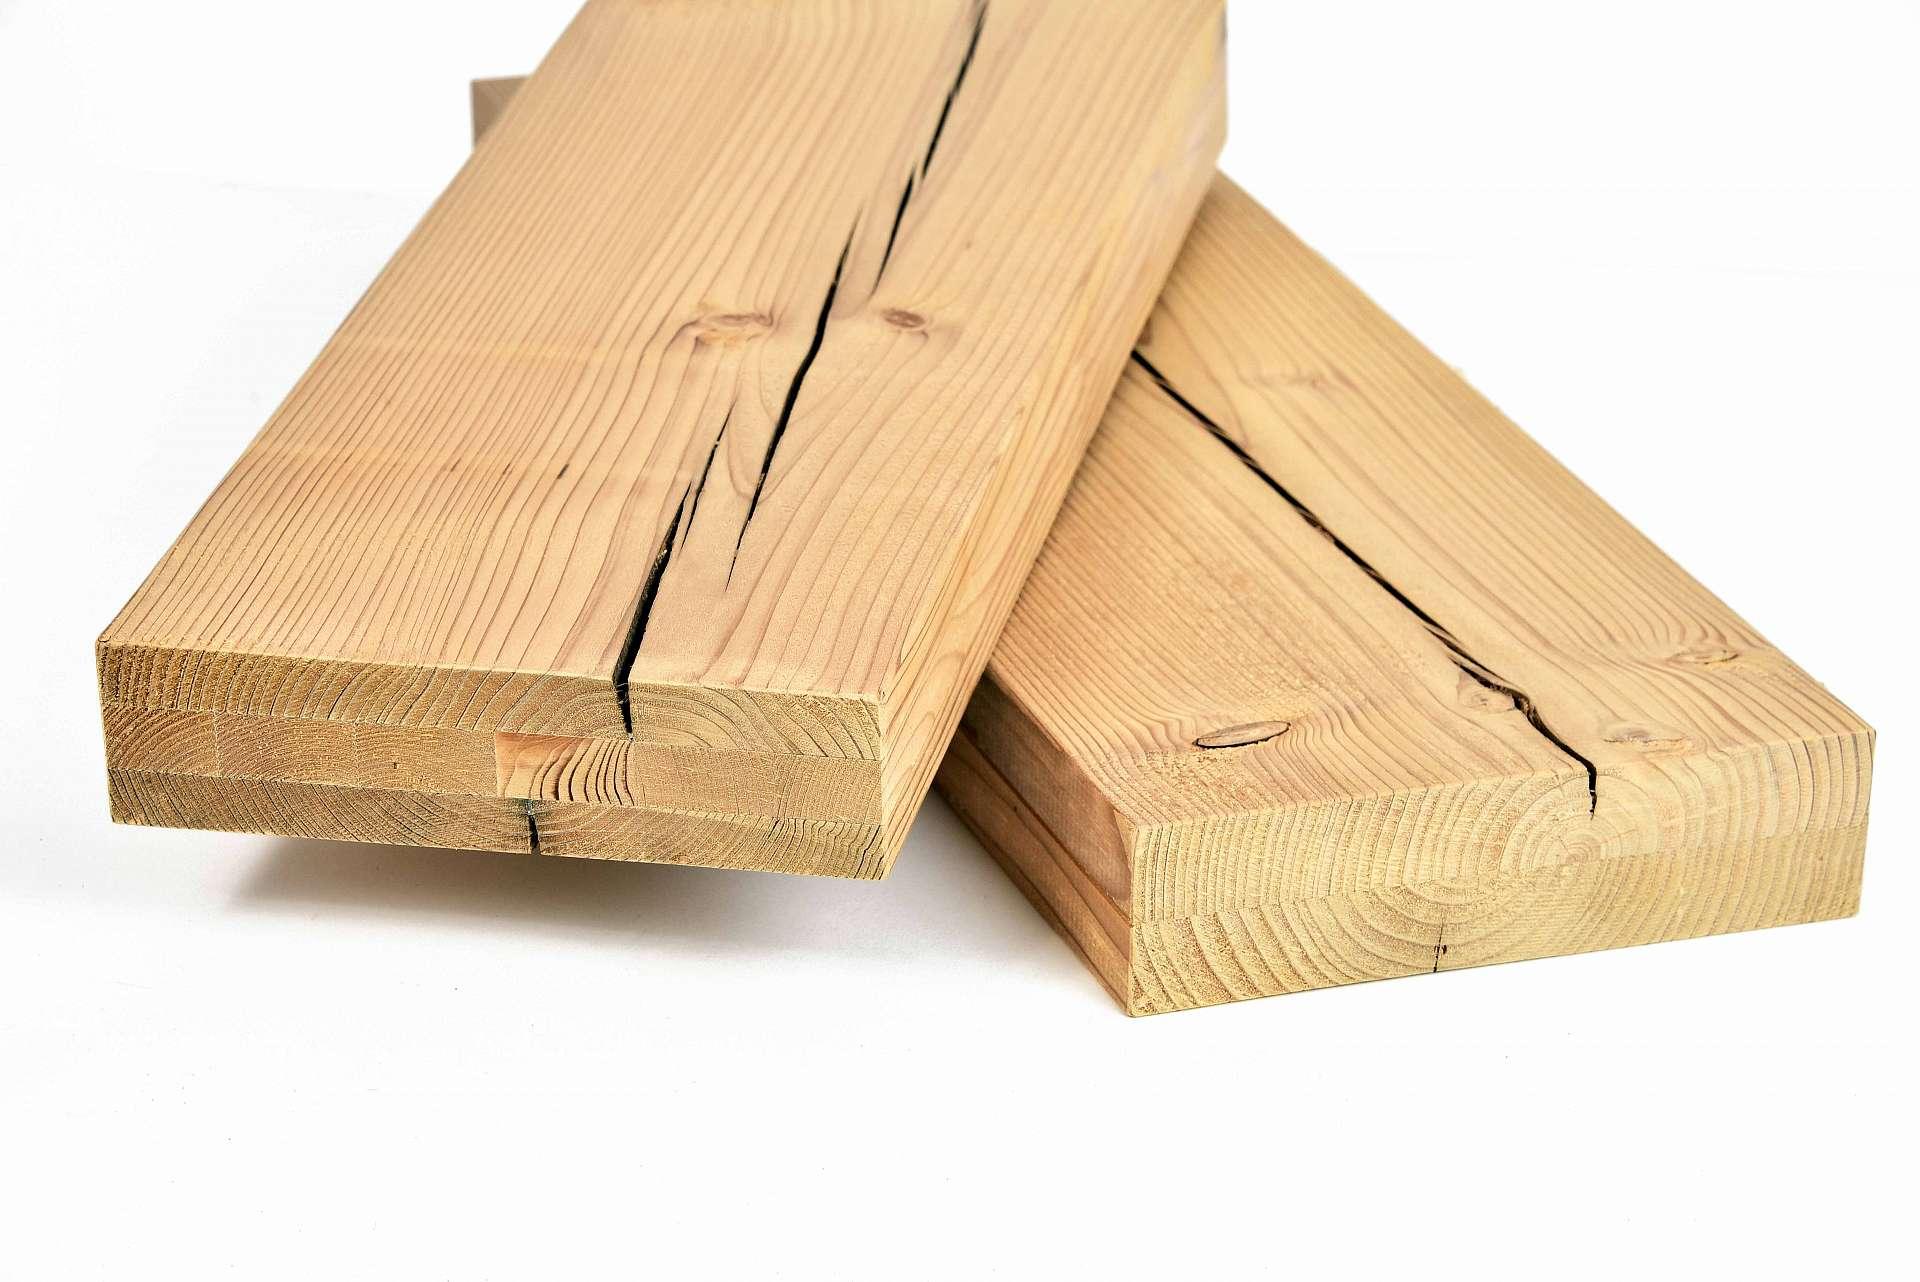 zirbenholz arve gesundes holz f r den m belbau. Black Bedroom Furniture Sets. Home Design Ideas